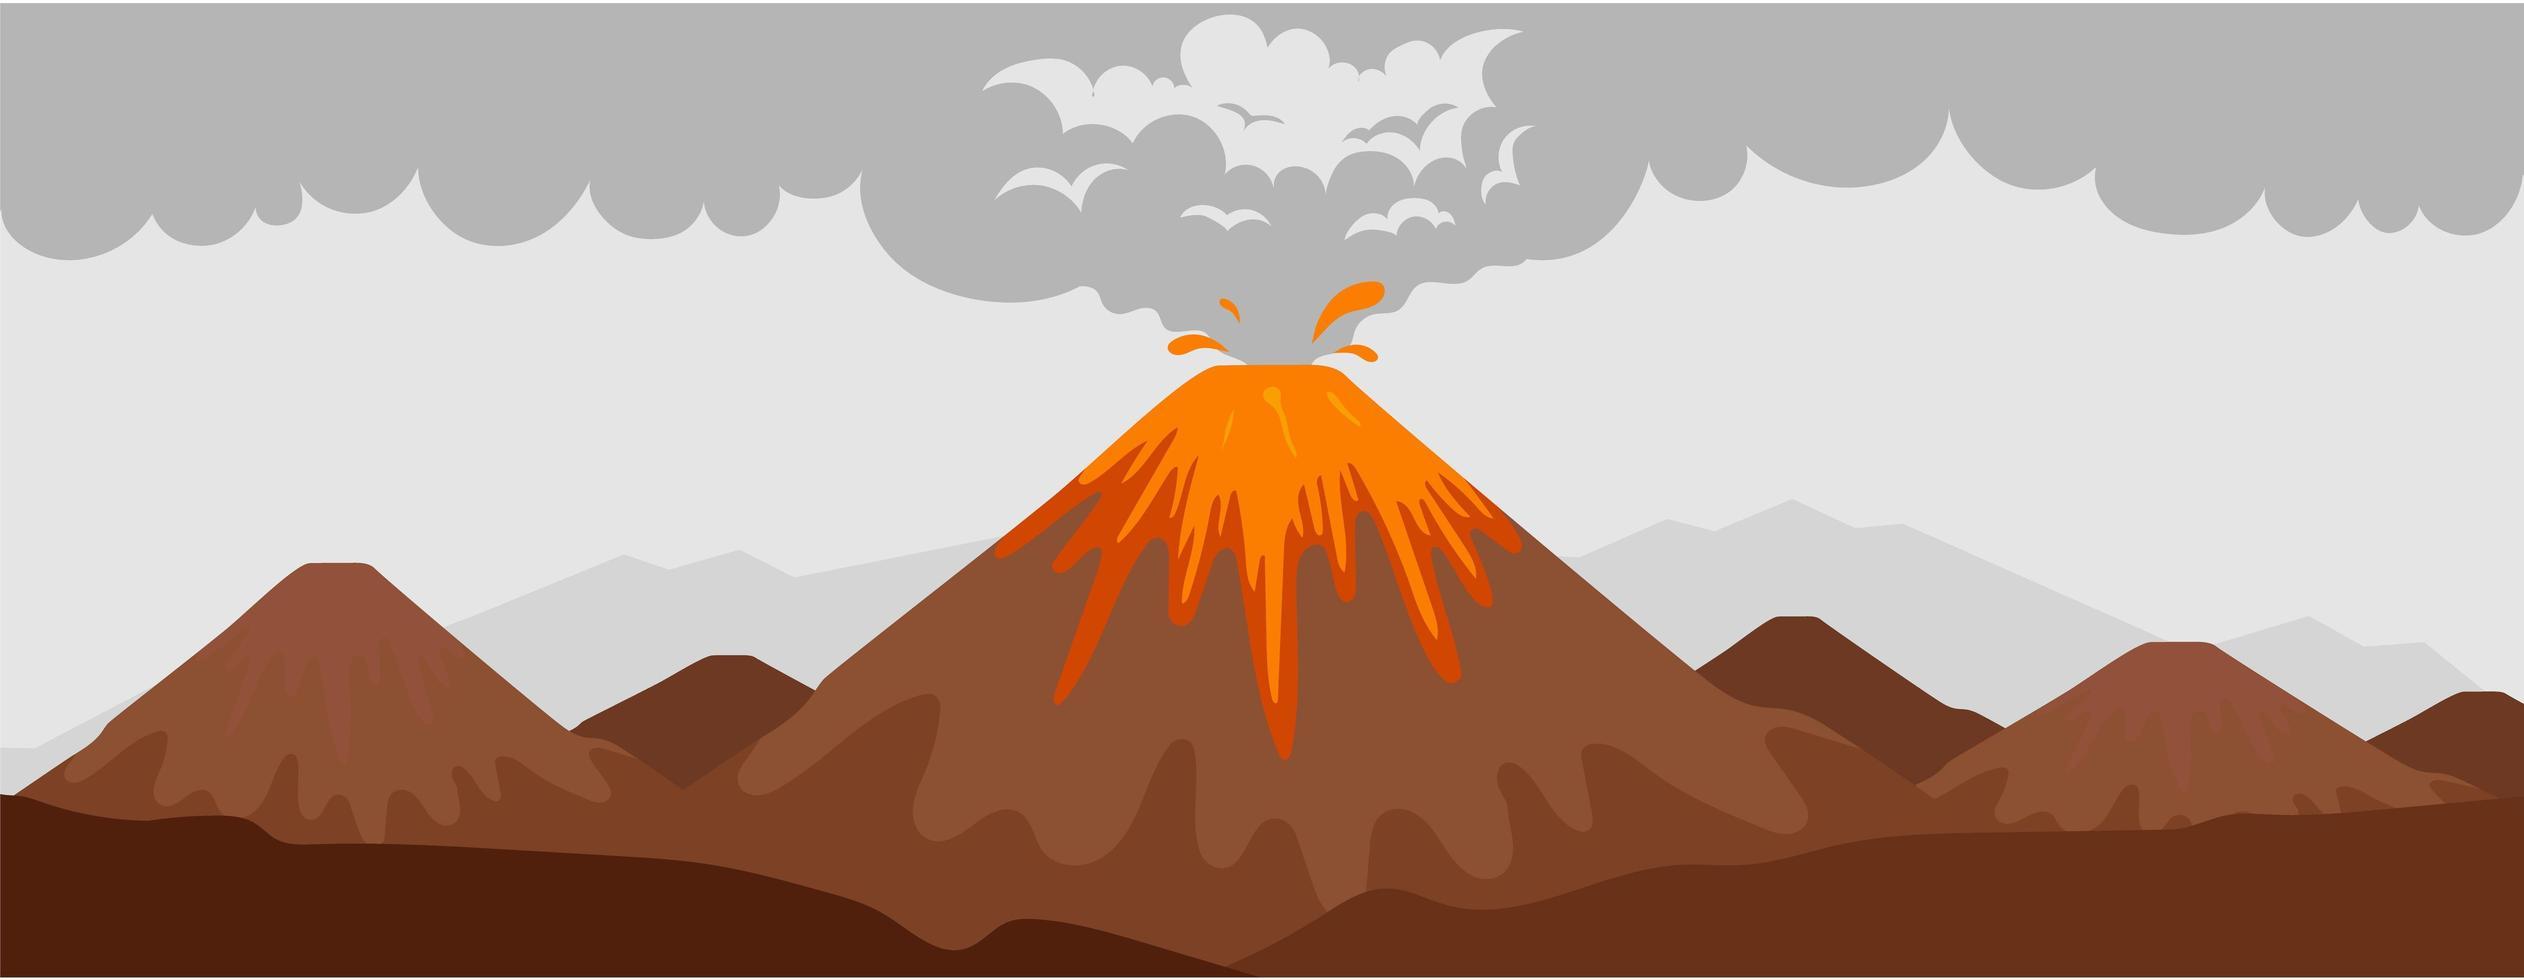 cena da erupção do vulcão vetor